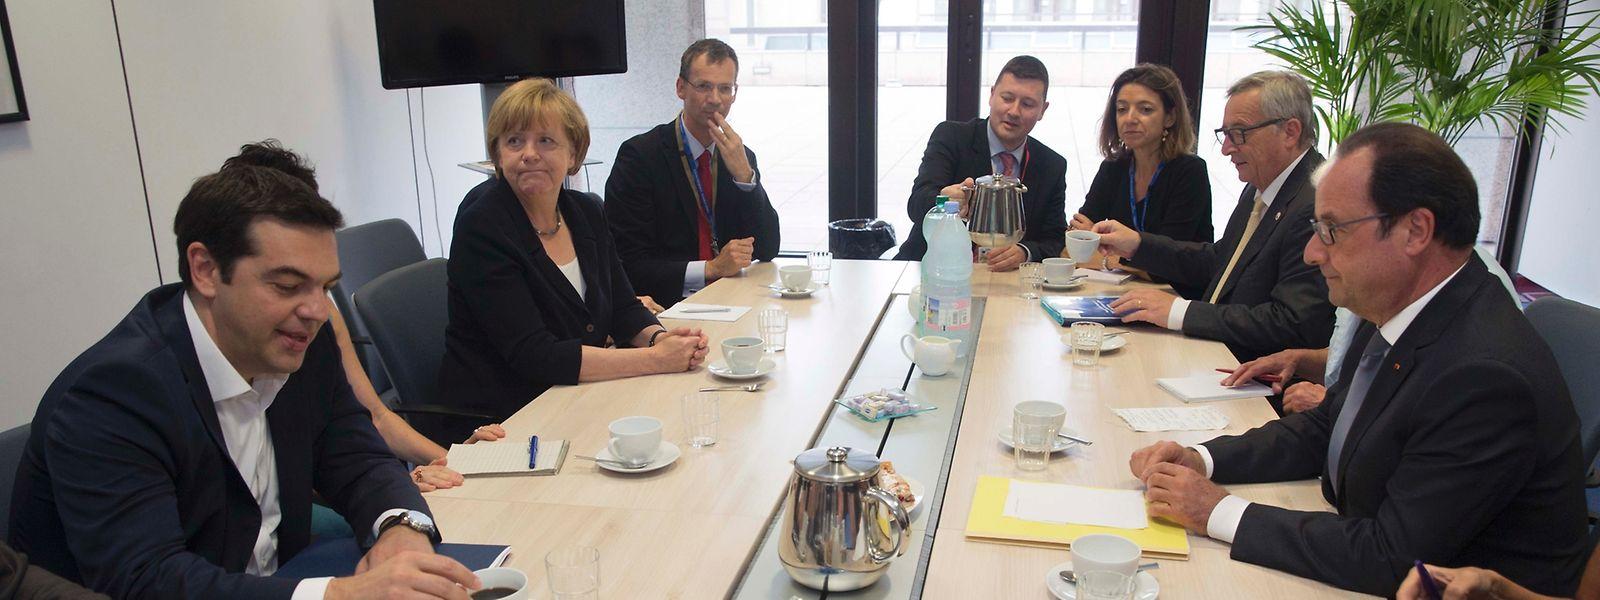 Le Premier ministre grec, à gauche, aux côtés d'Angela Merkel, Jean-Claude Juncker et François Hollande, se rencontrent mardi 7 juillet à Bruxelles avant un sommet de  l'eurozone